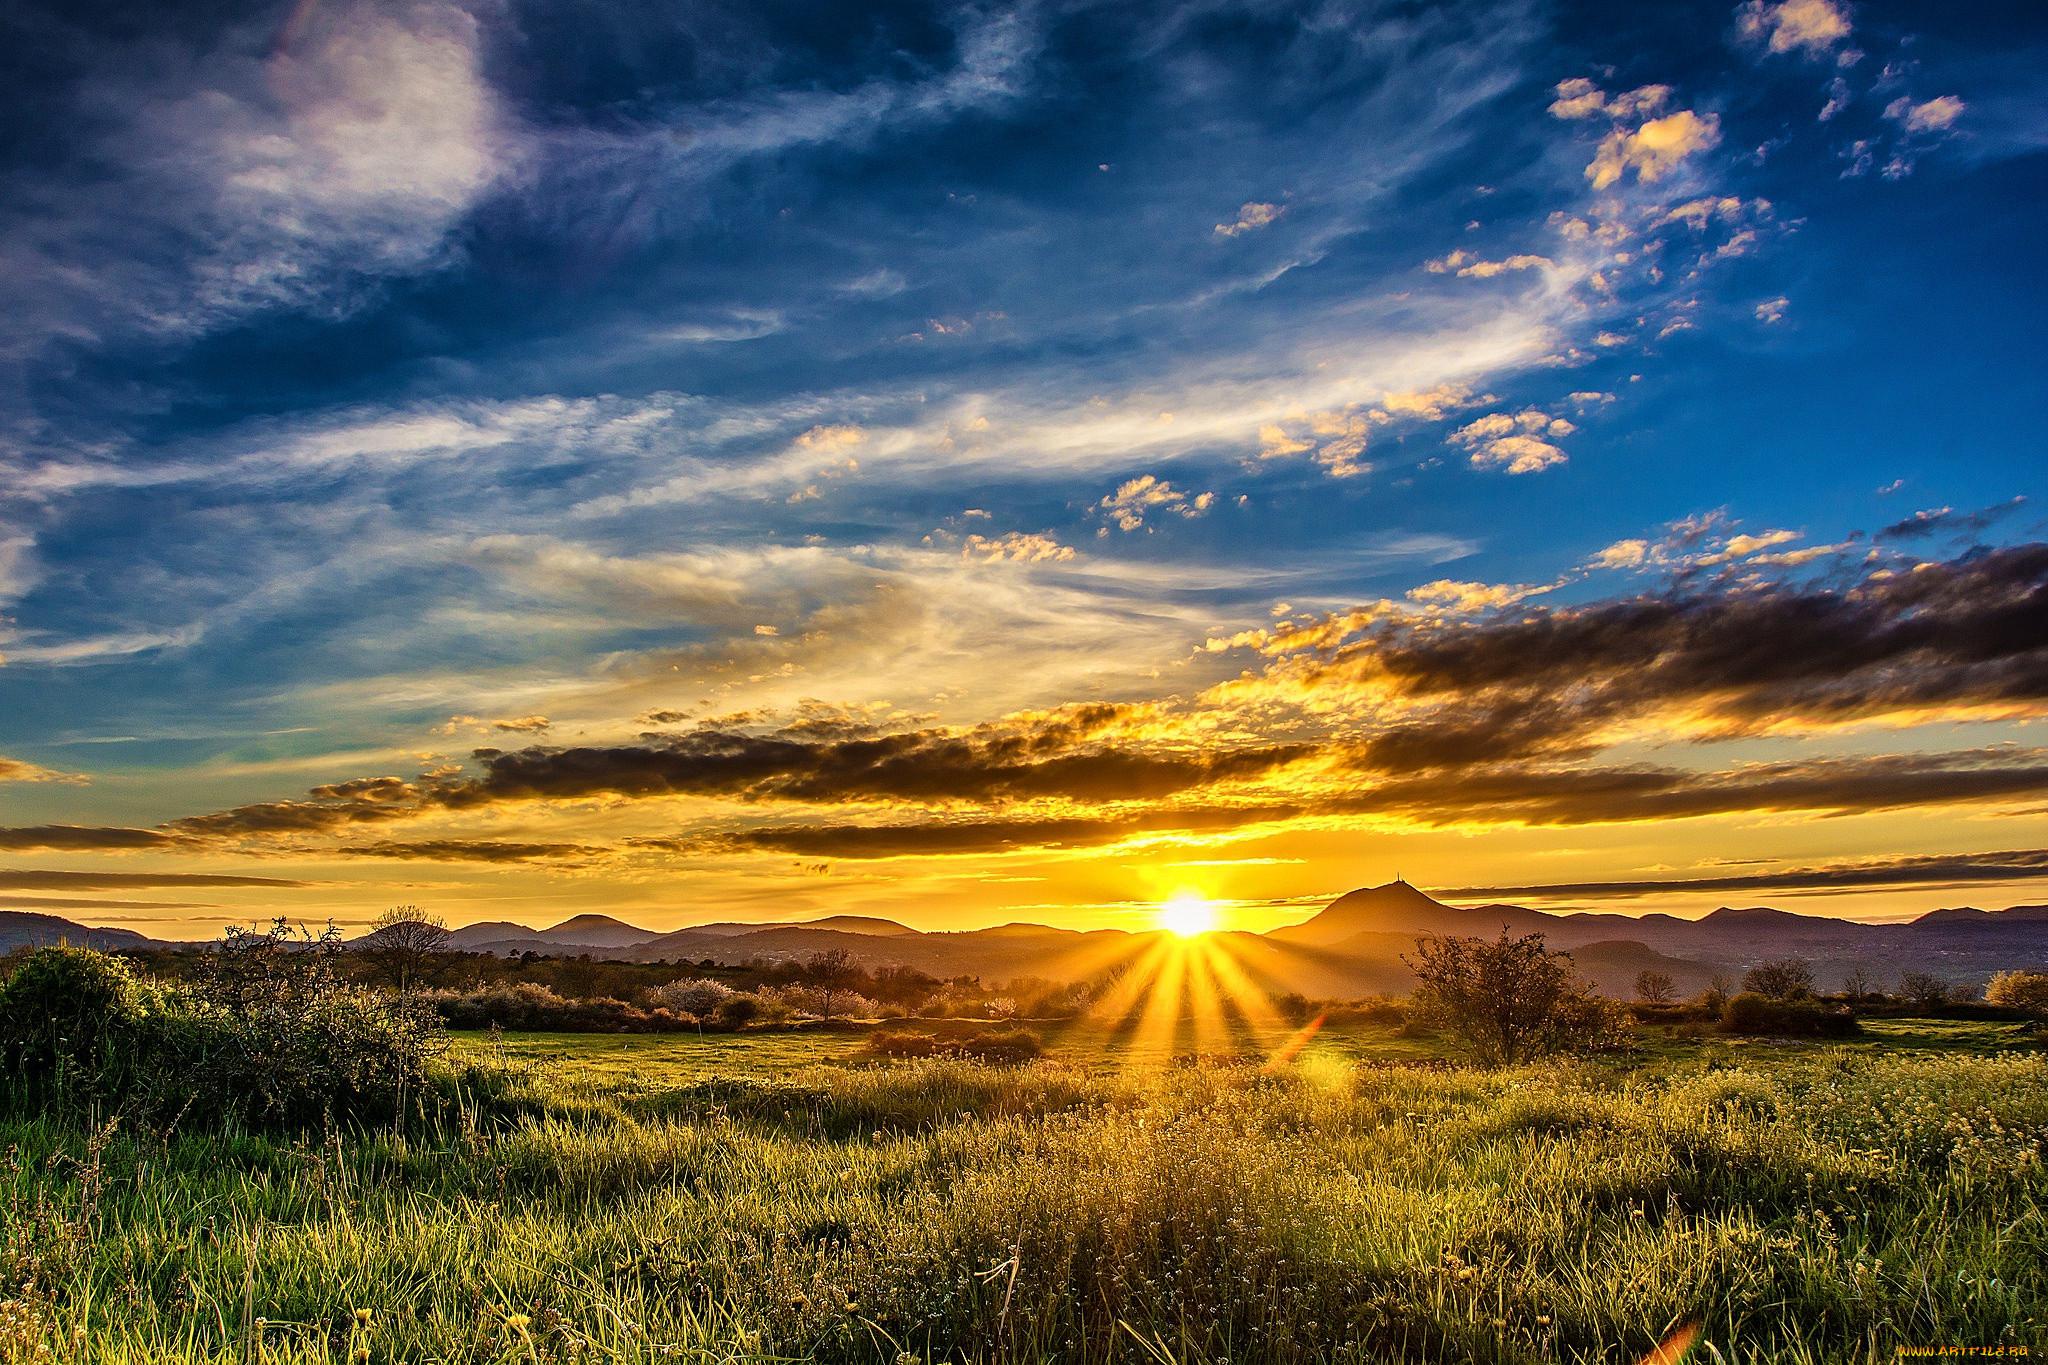 популярный фото рассвет восход солнца если